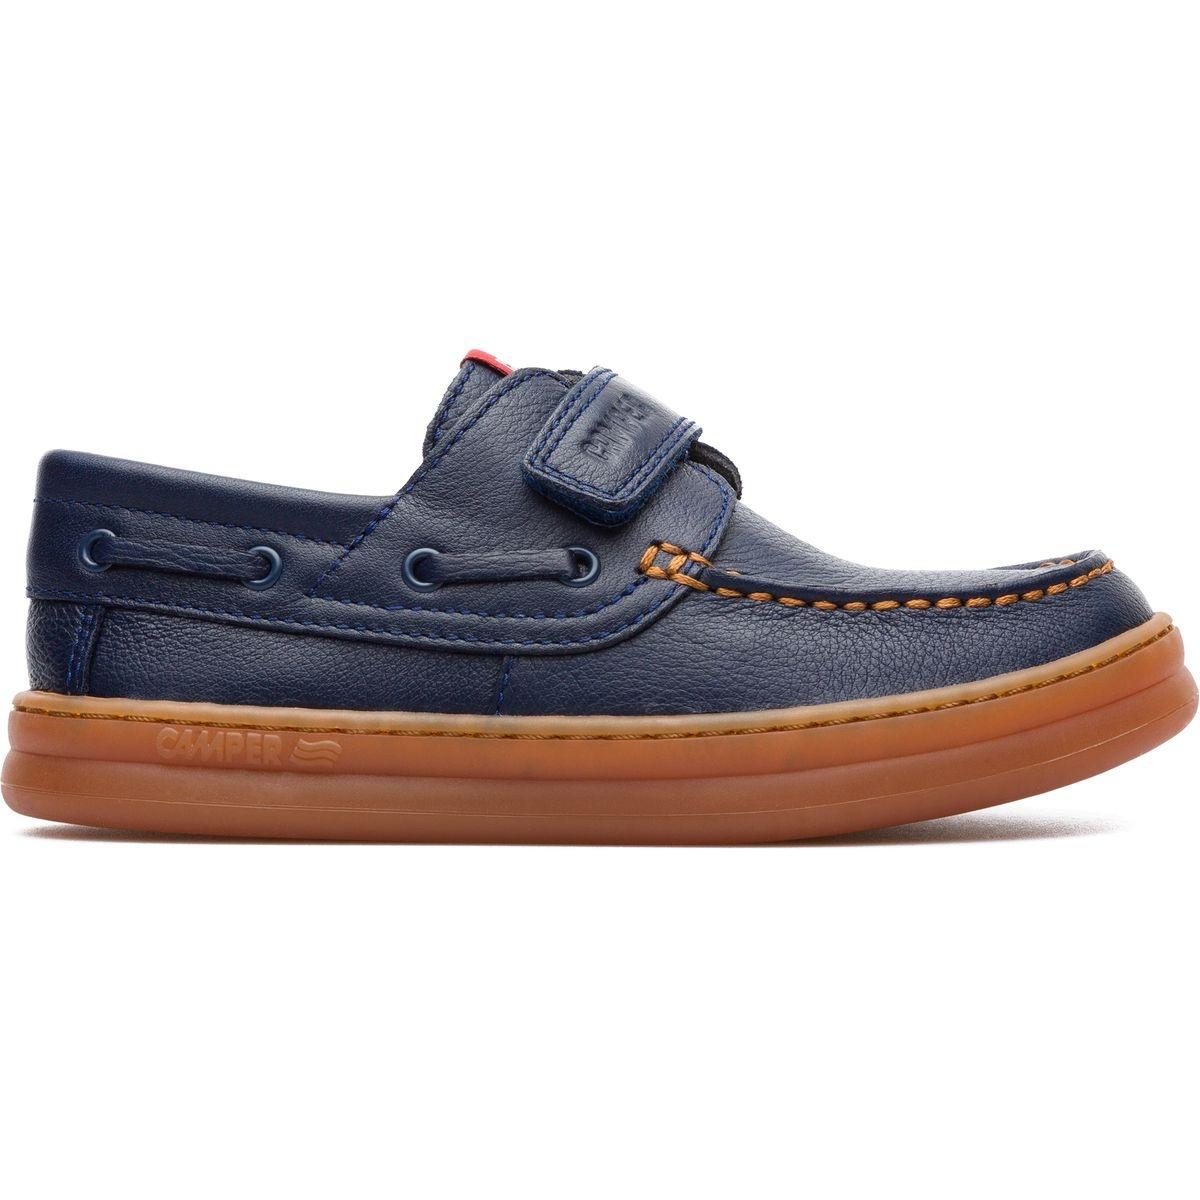 Chaussures bateau cuir RUNNER FOUR